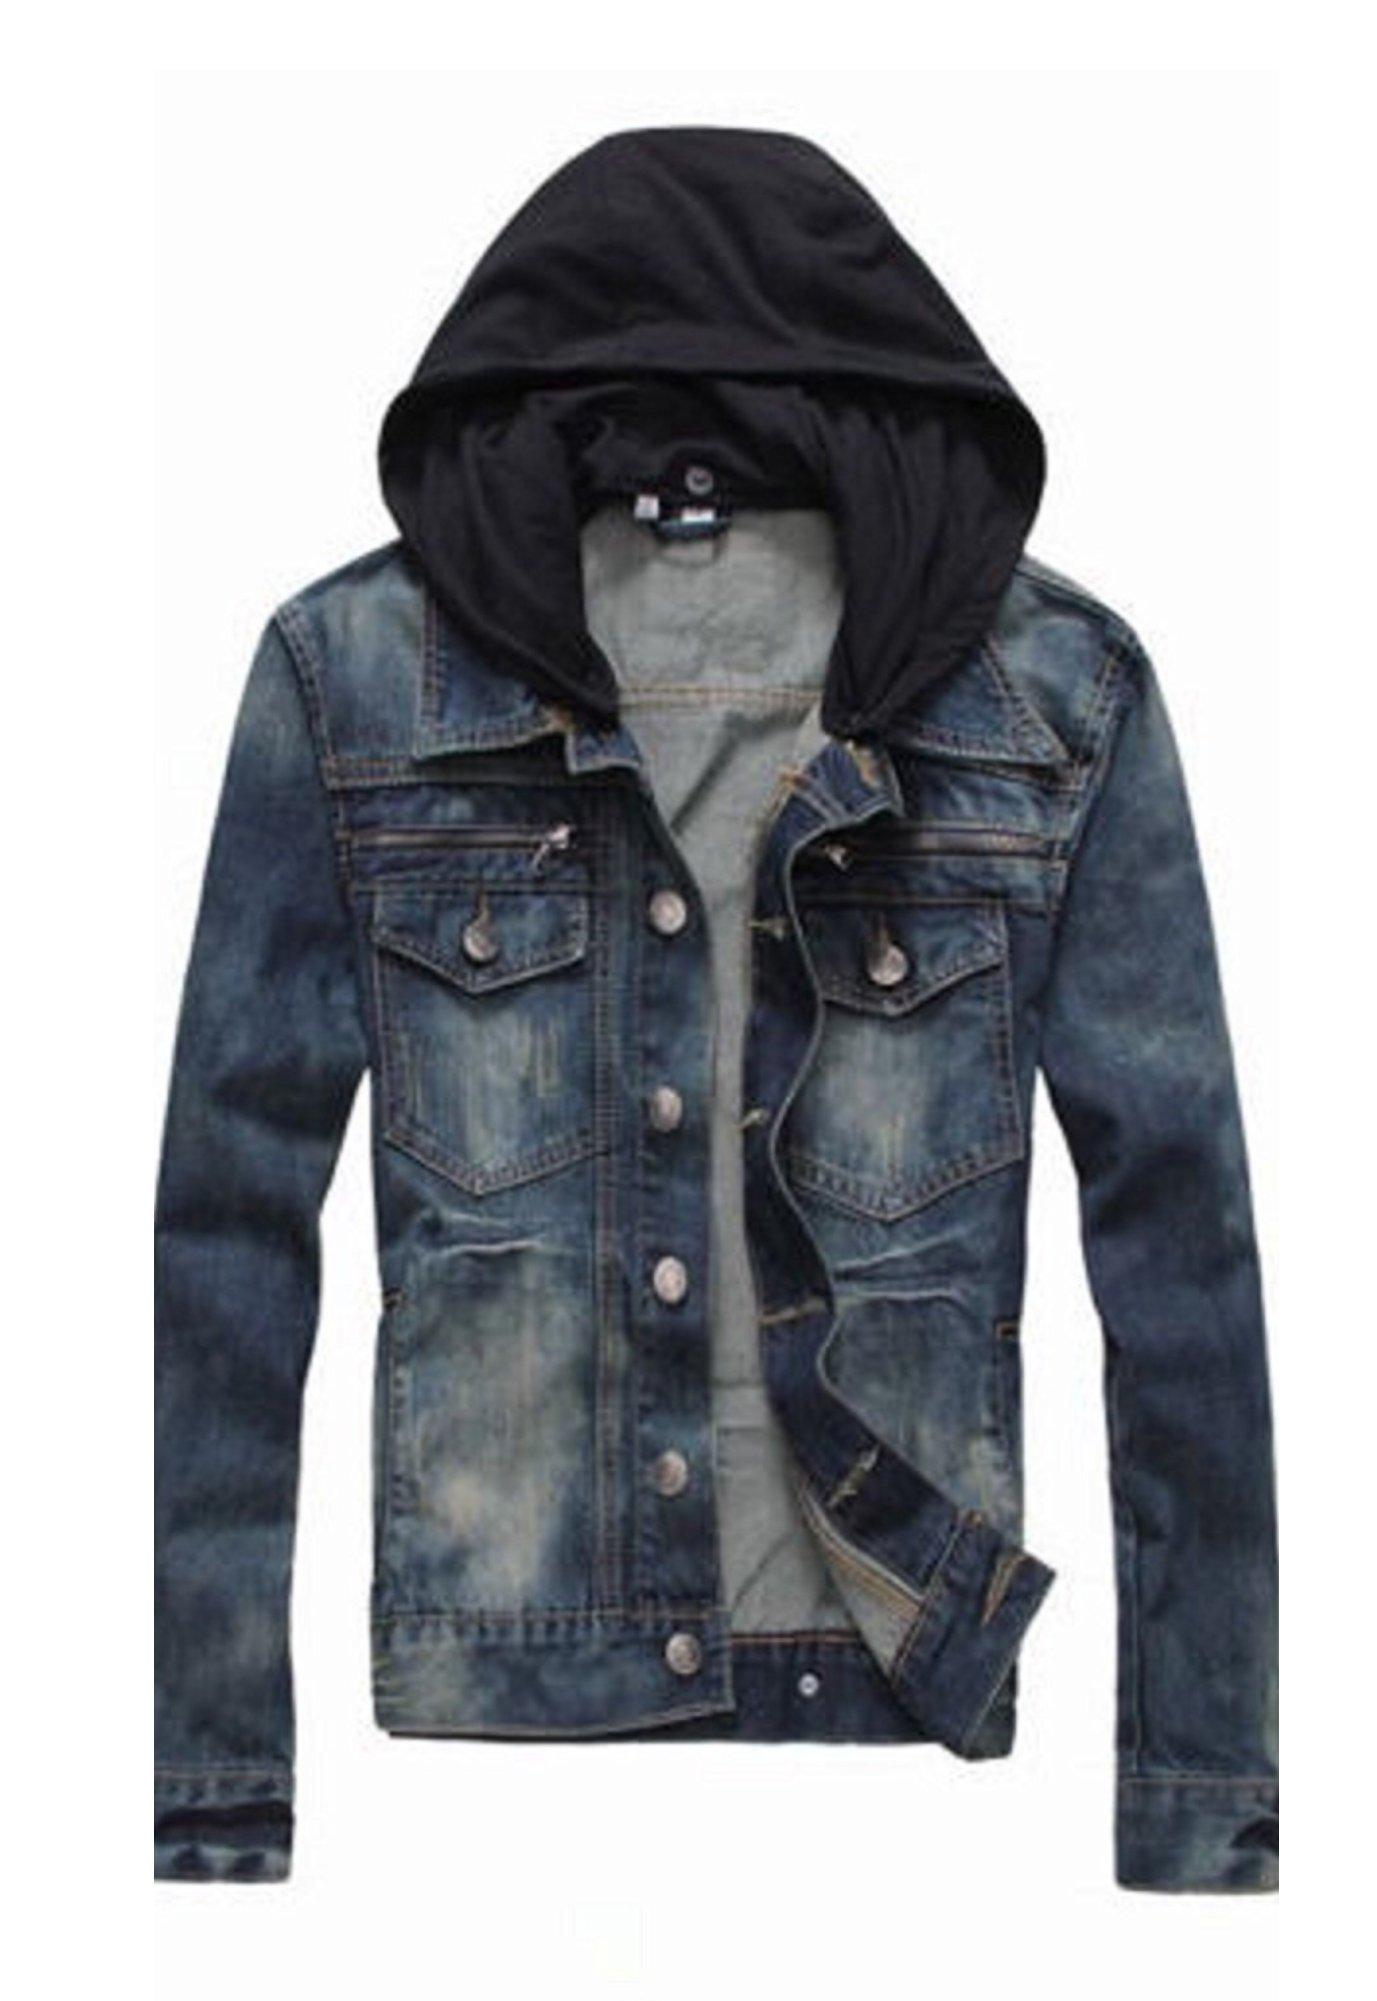 PRIME Men's Denim Jacket Slim Fit Casual Jacket DJBH-01 (LWF, S) by Prime